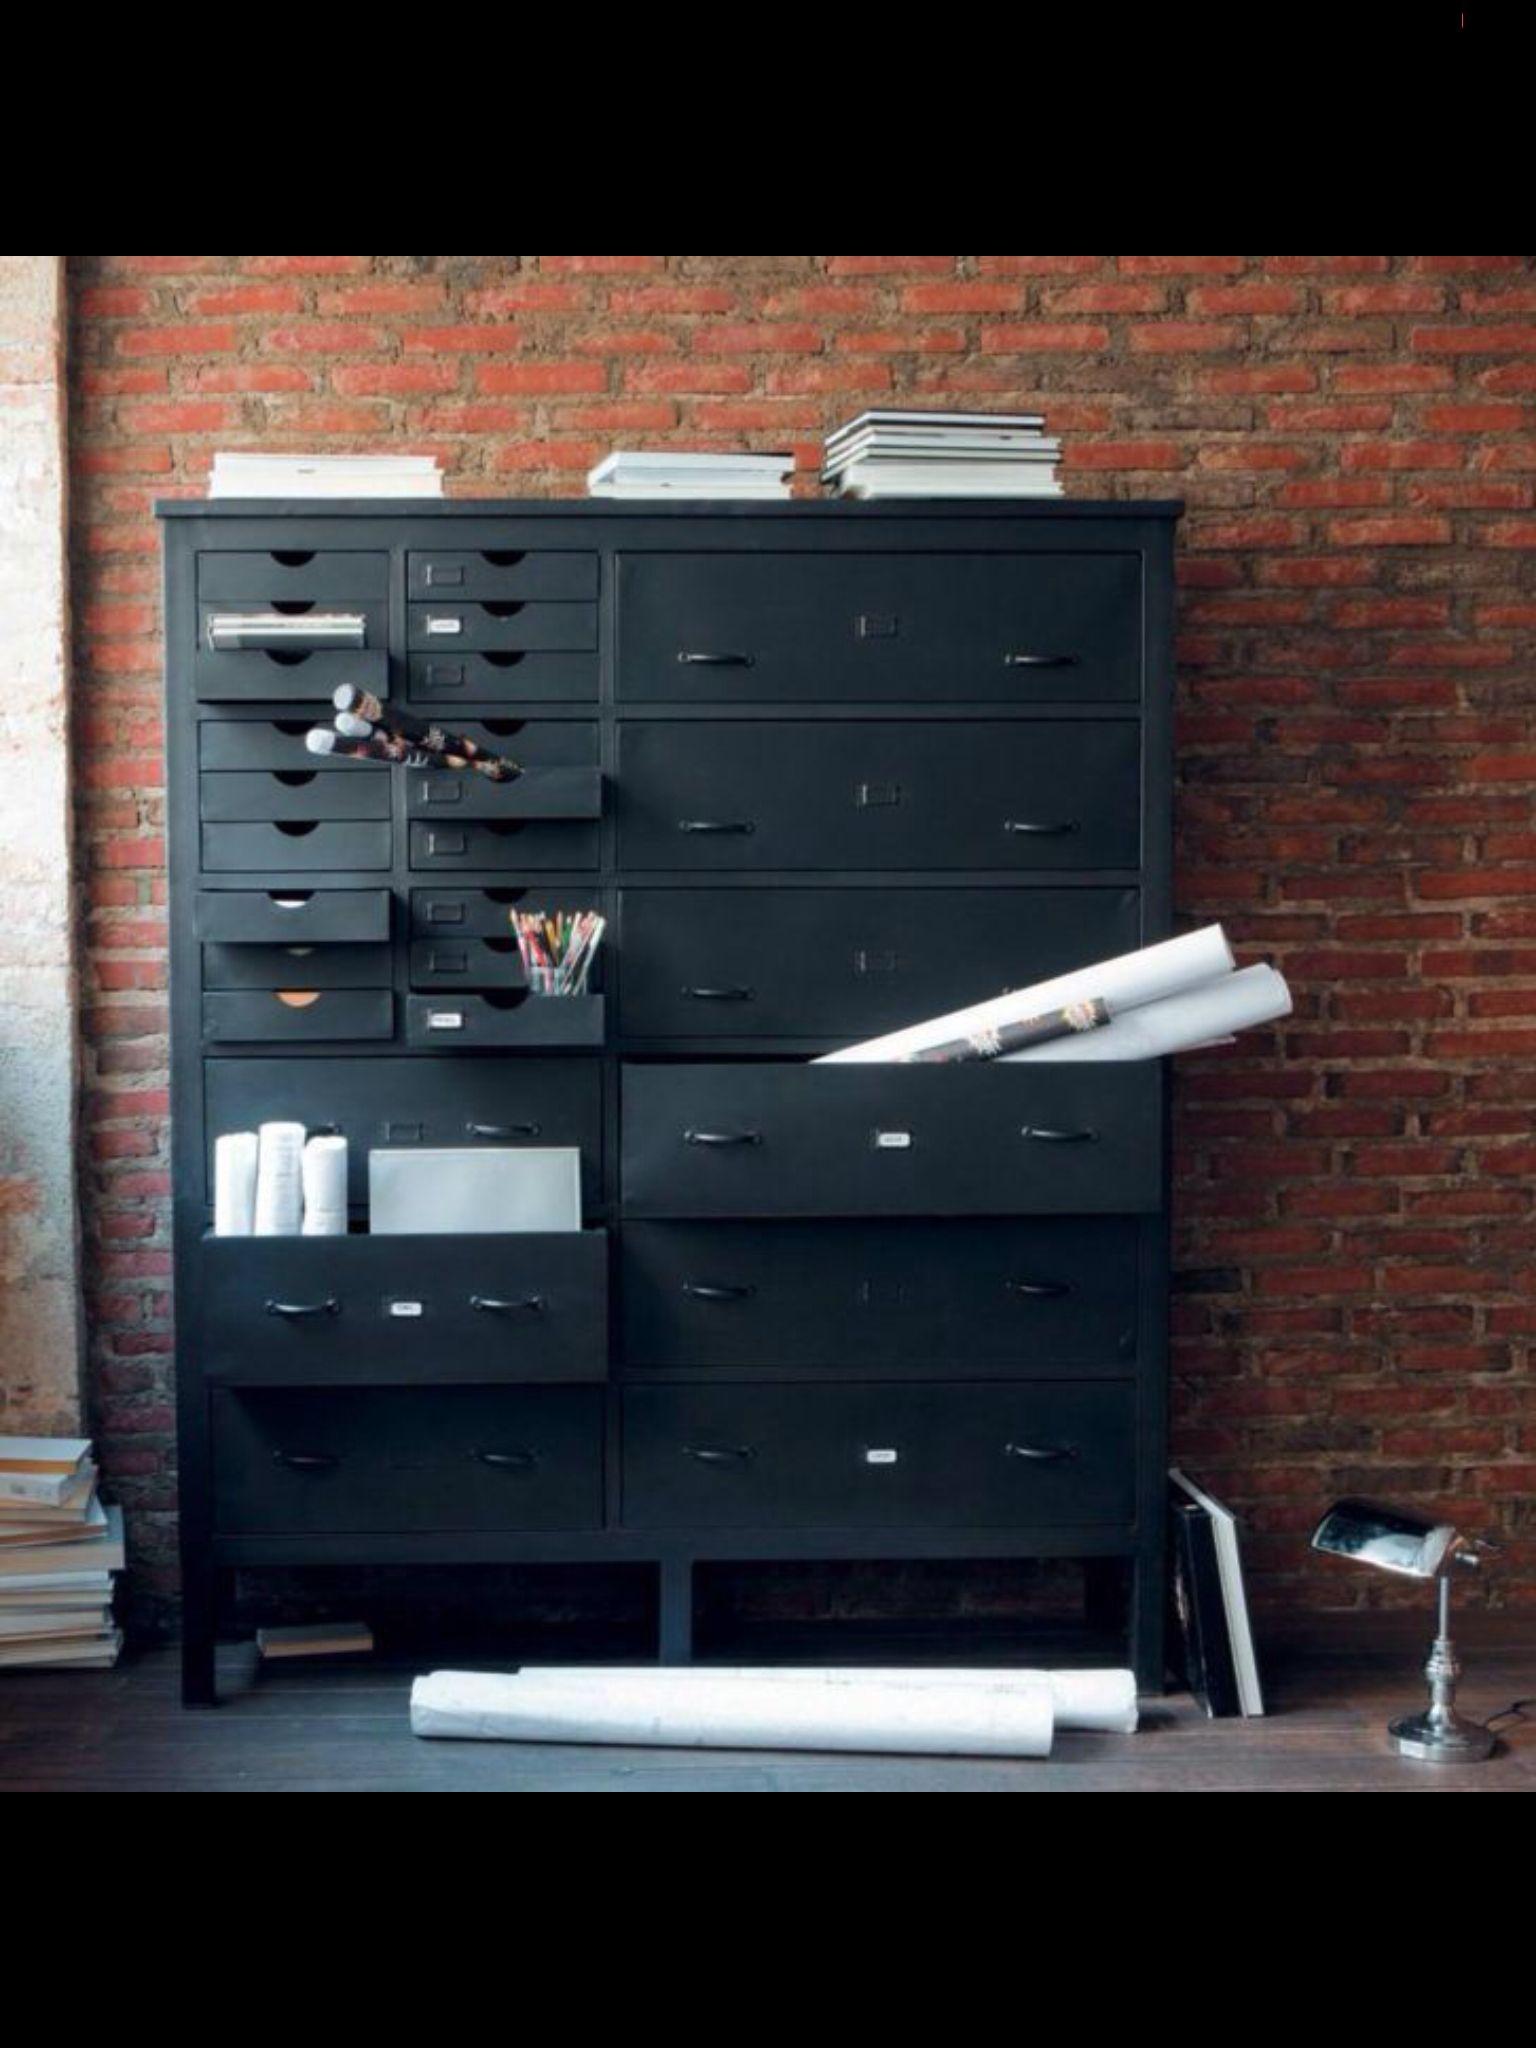 Vette kast voor in de woonkamer | Dingen om te kopen | Pinterest ...